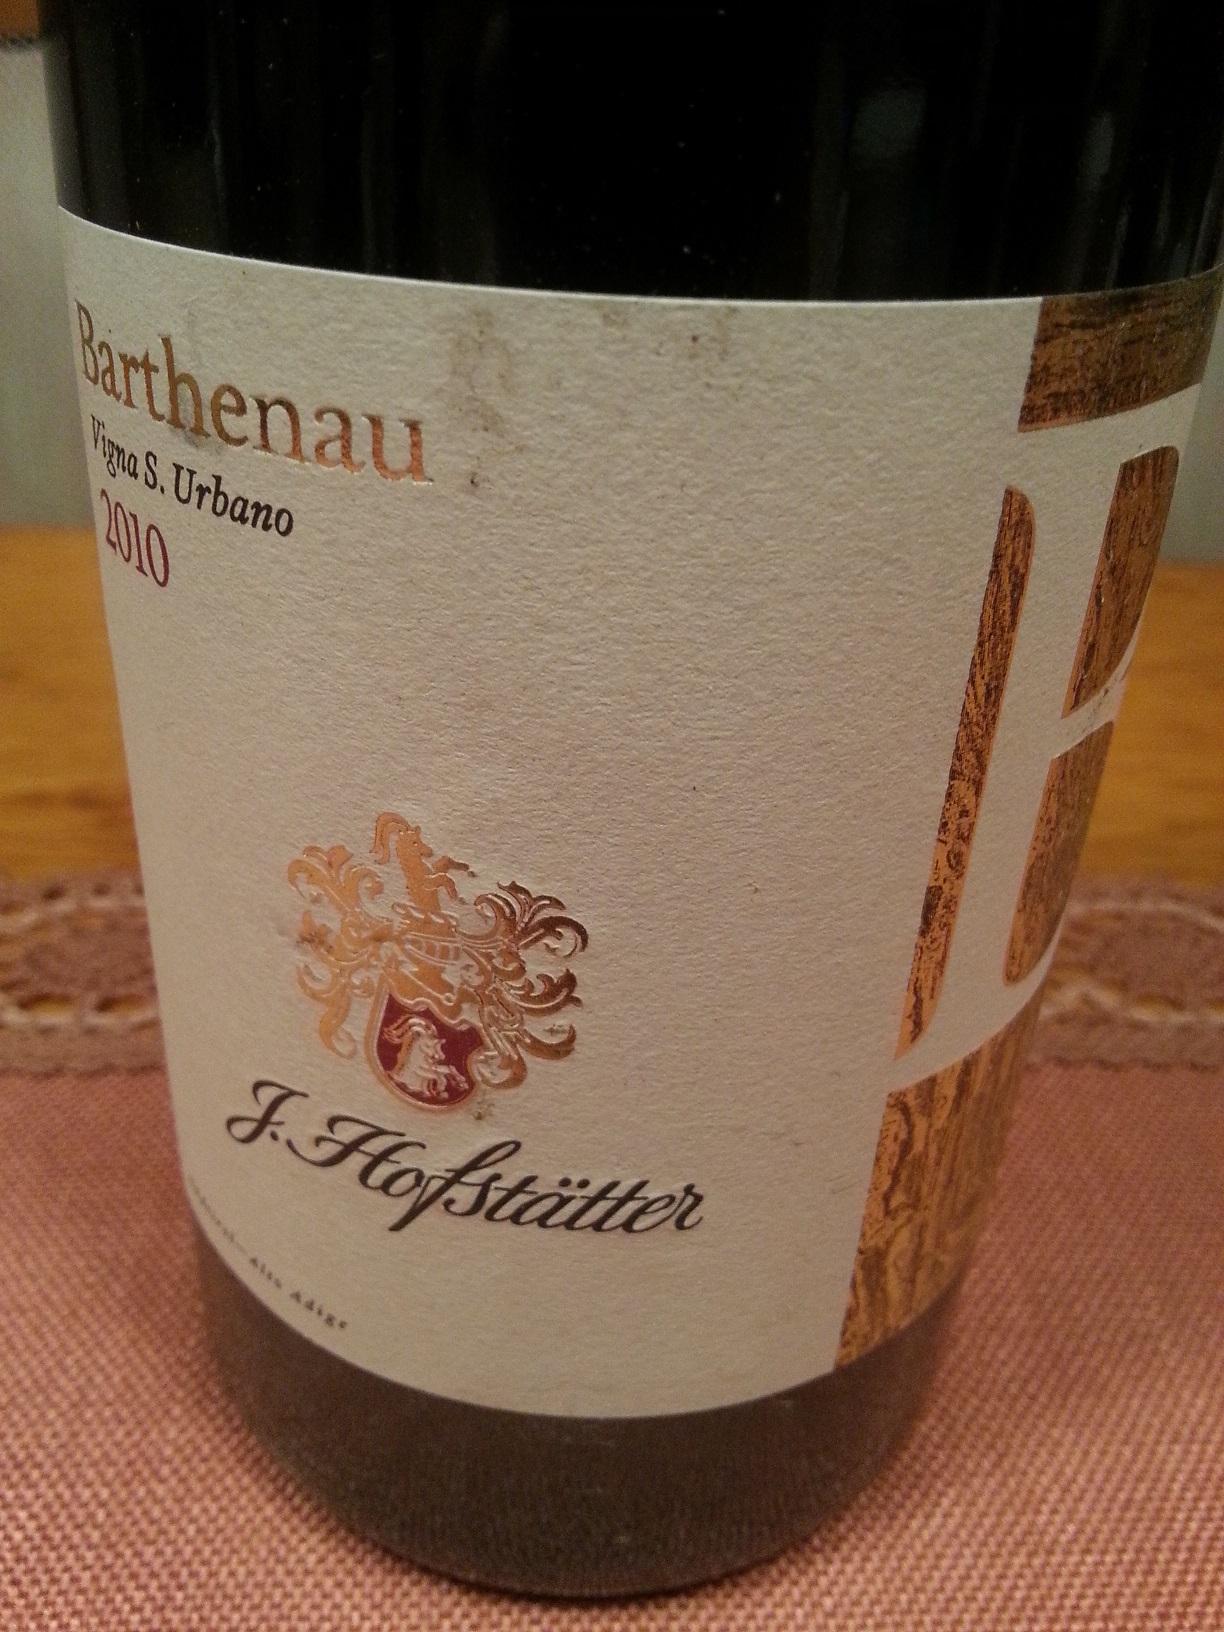 2010 Pinot Nero Barthenau Vigna S. Urbano | Hofstätter